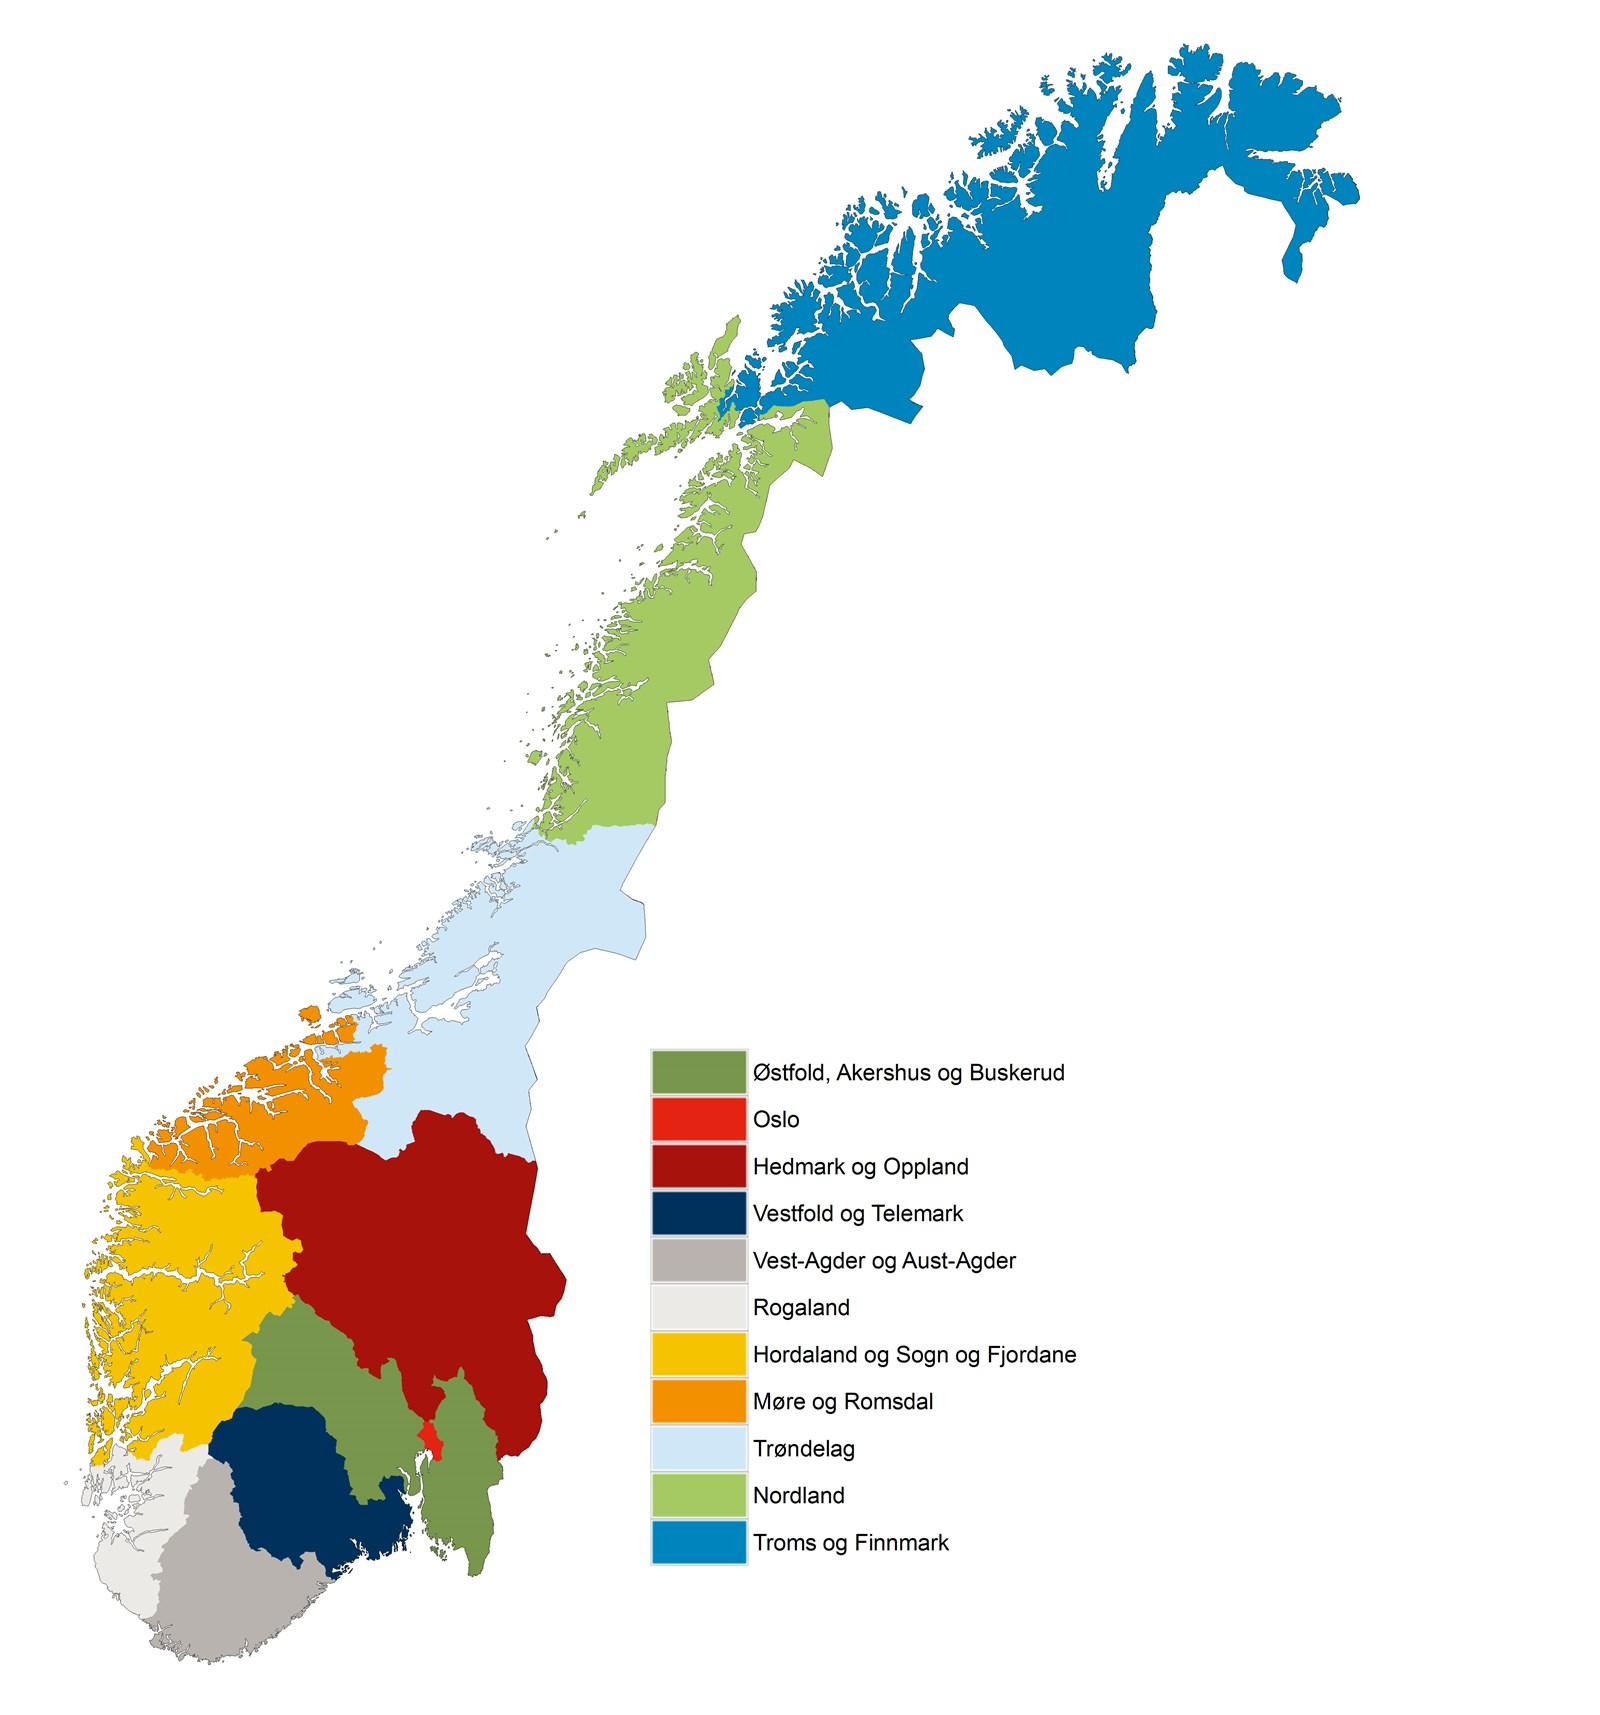 fylker kart Nye fylker   regjeringen.no fylker kart